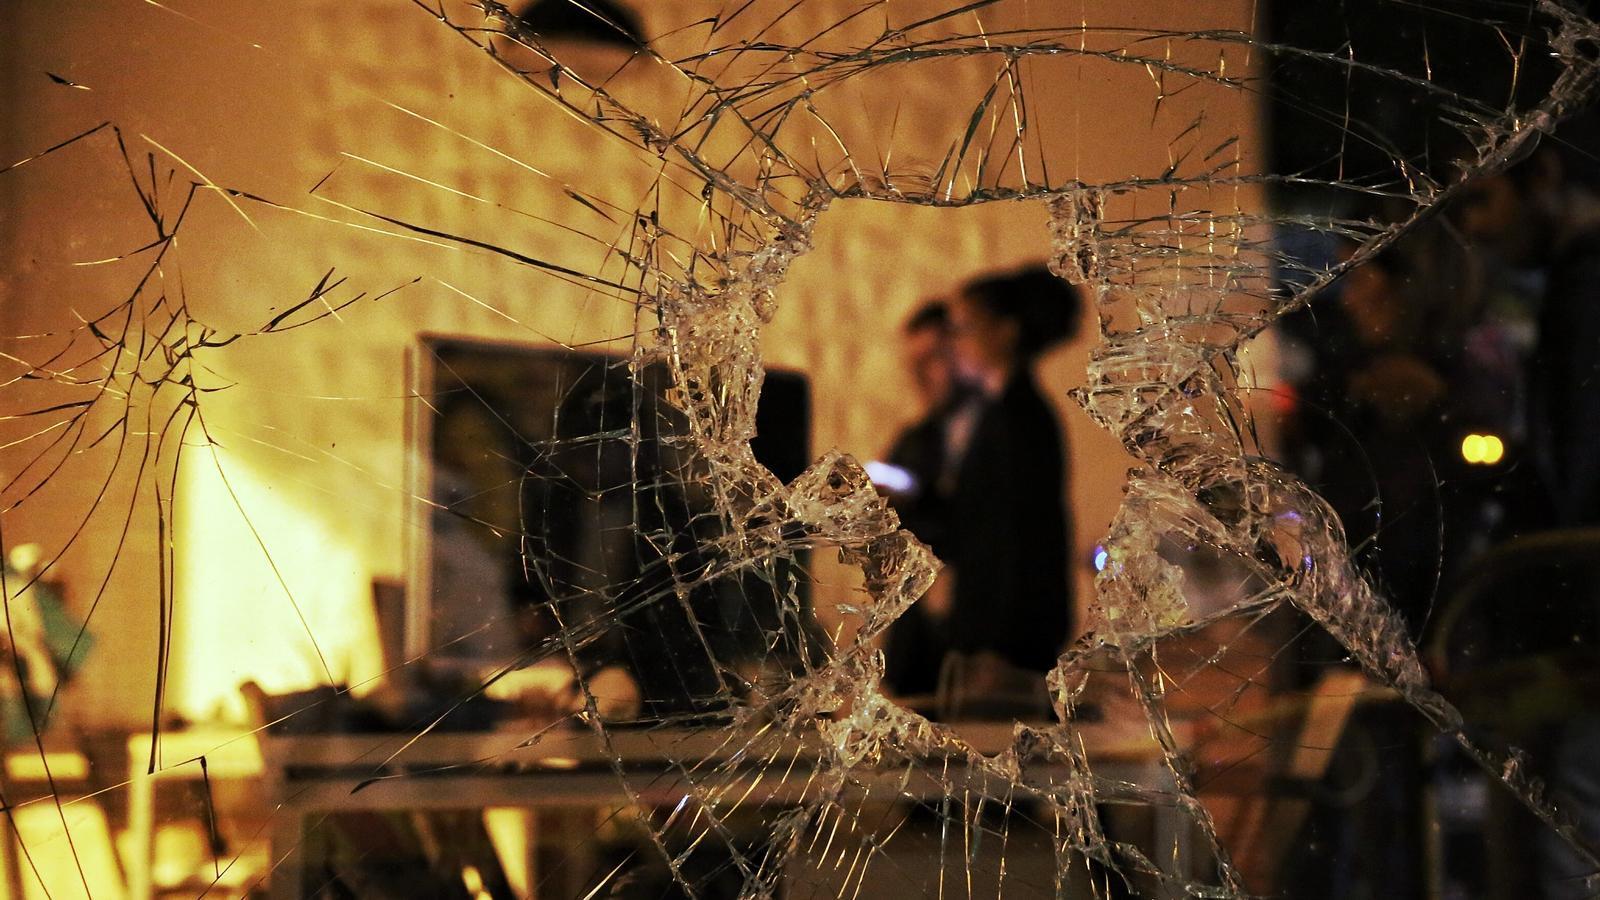 Els concentrats també han trencat els vidres d'una immobiliària / PERE VIRGILI